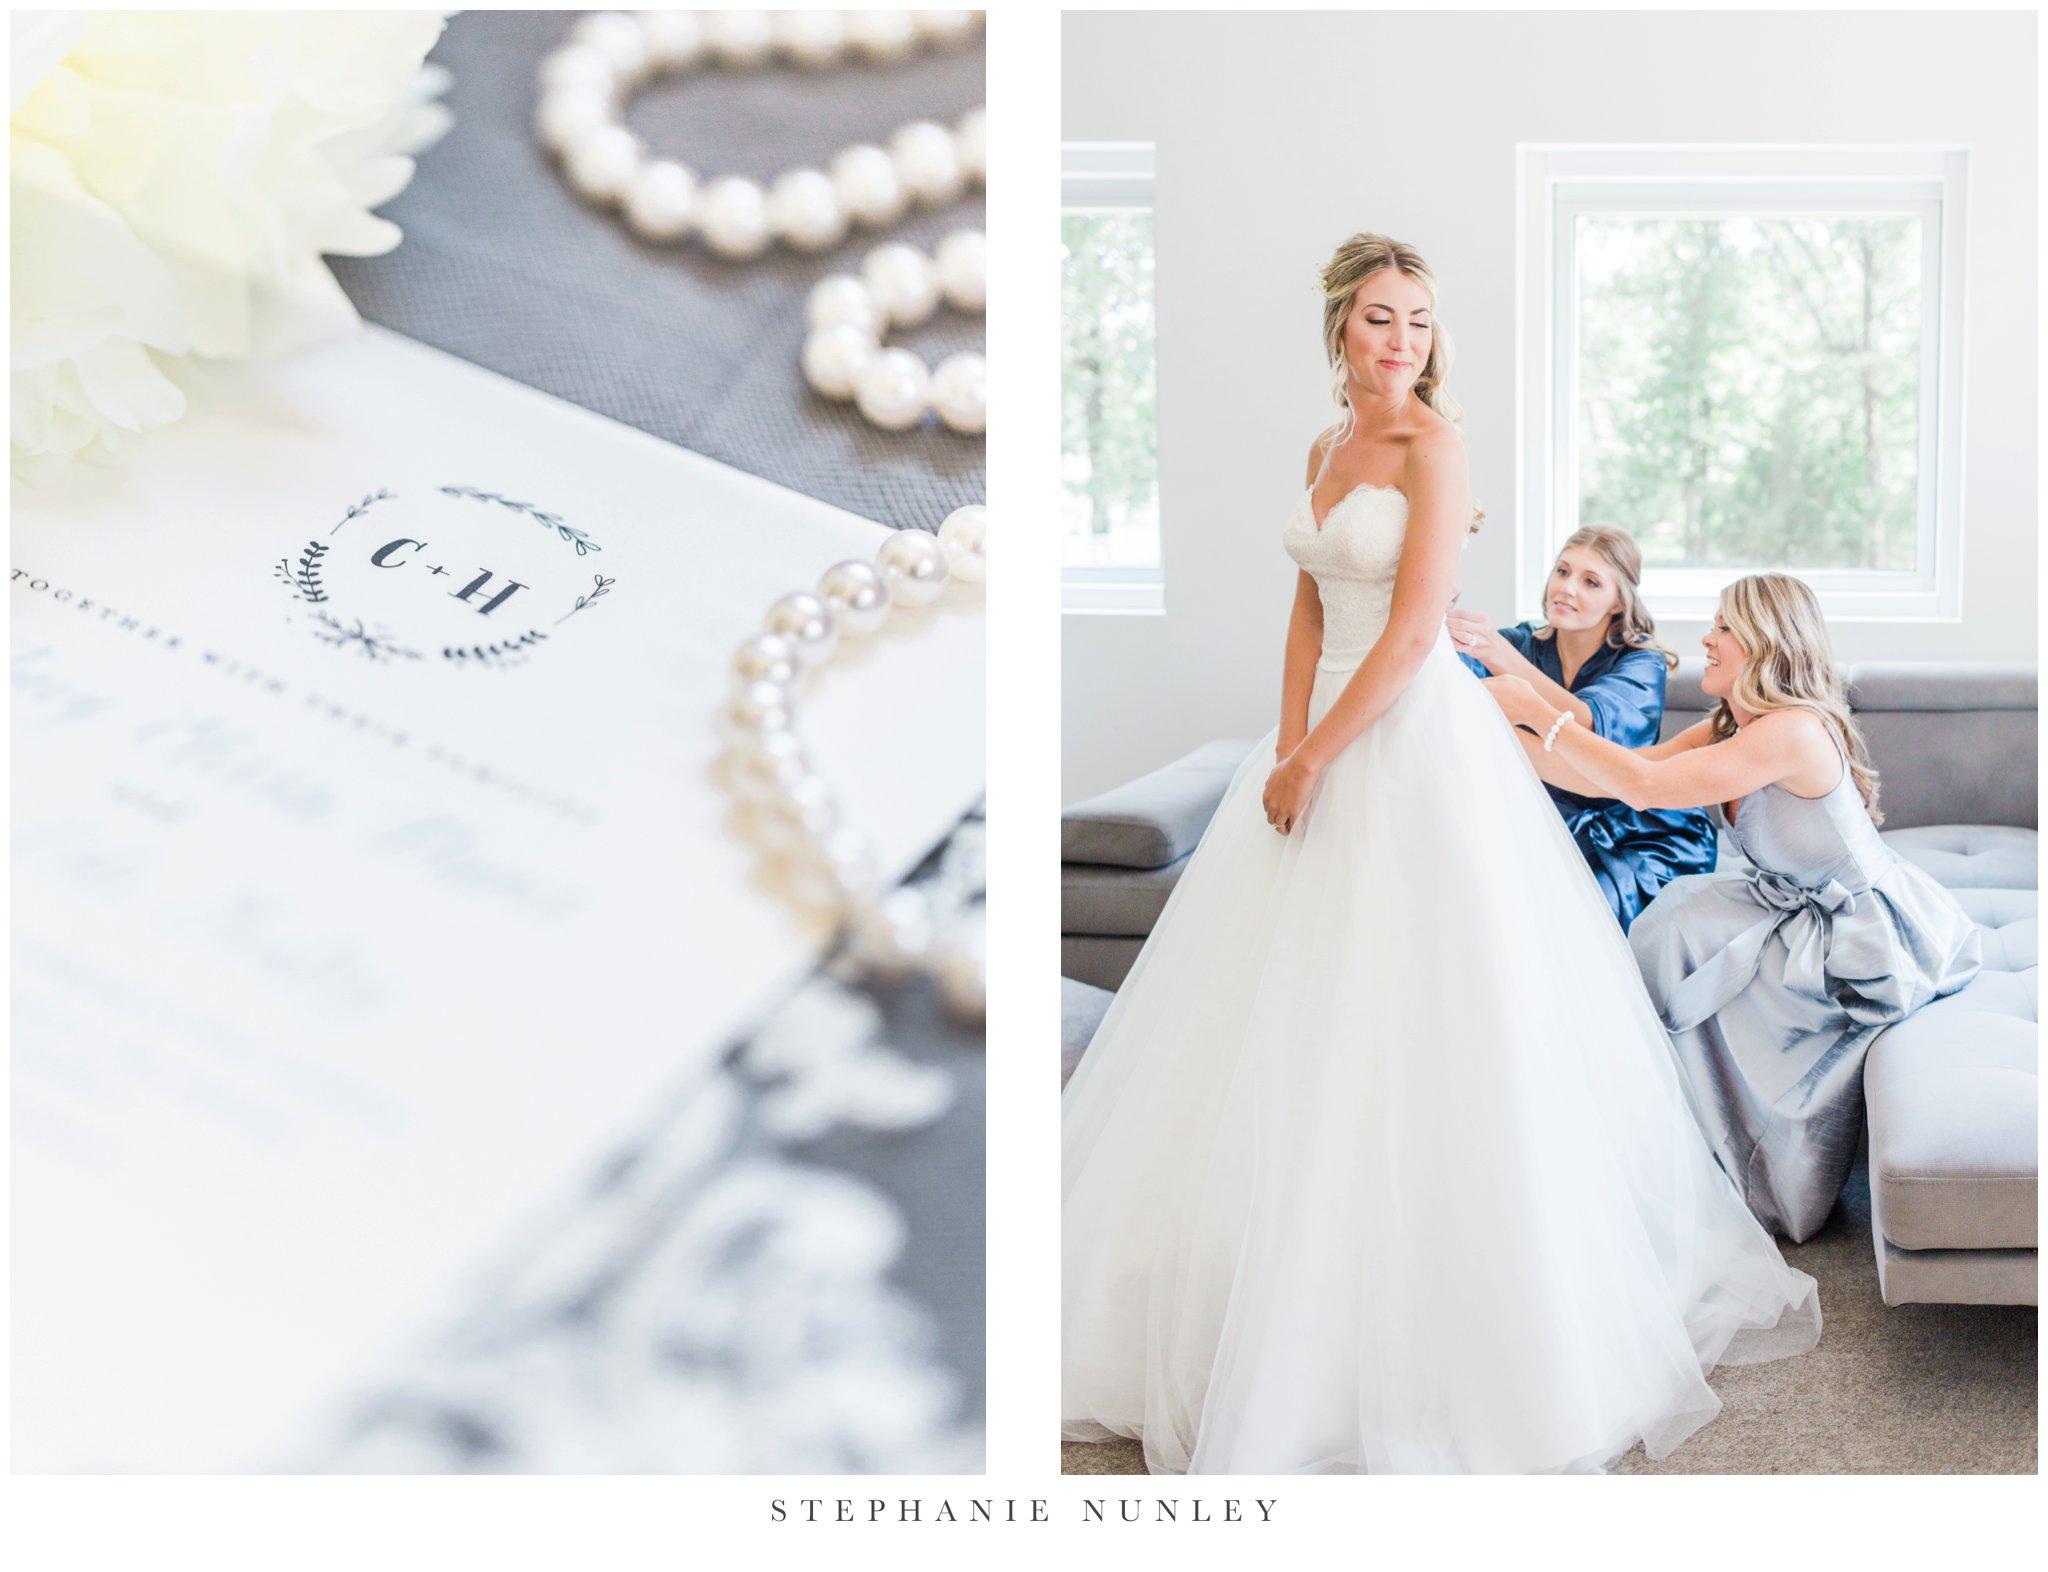 cold-springs-wedding-photos-in-arkansas-0012.jpg